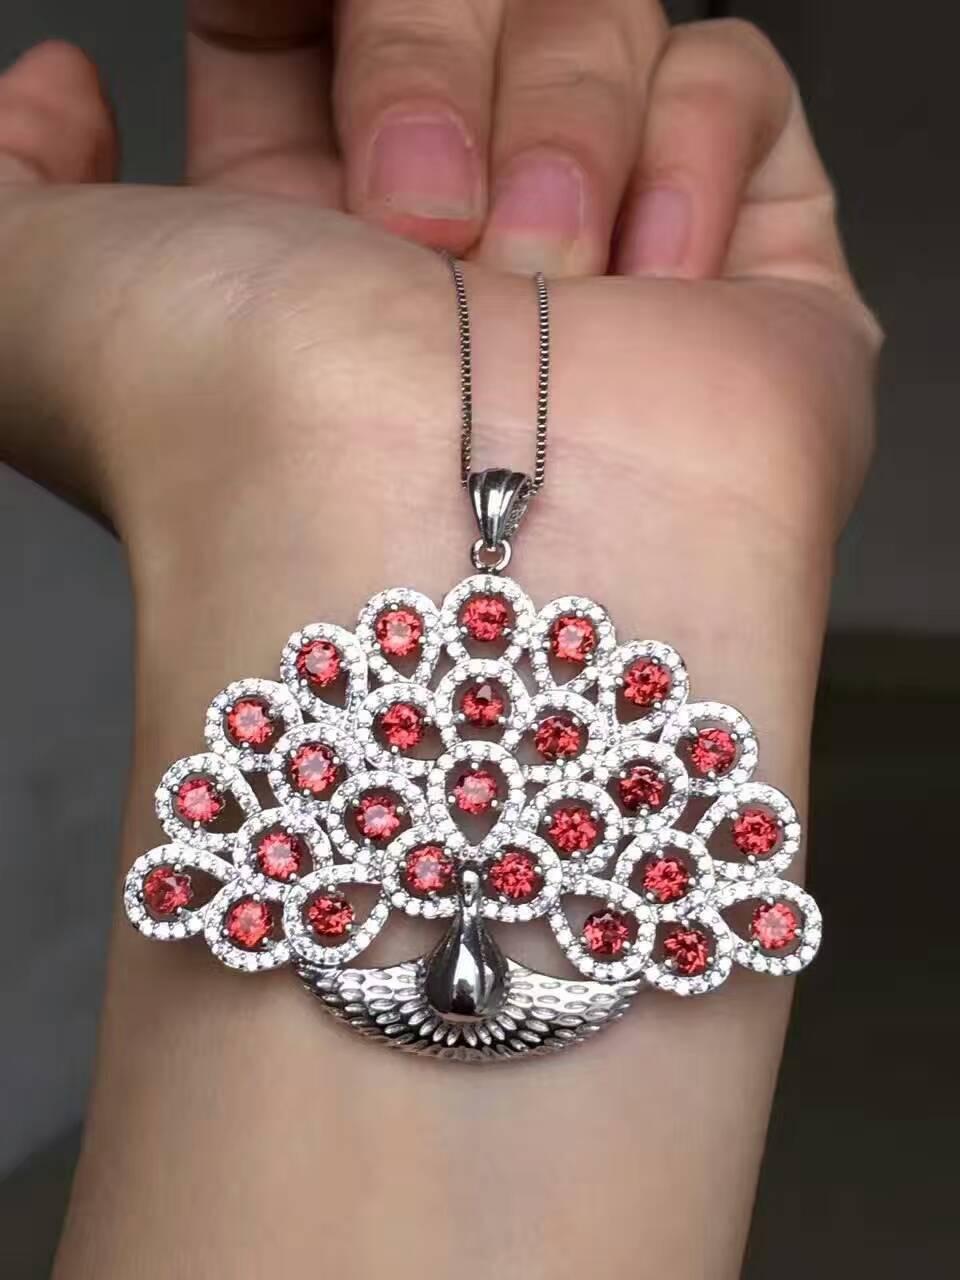 Здесь можно купить  natural red garnet pendant S925 Sterling silver Natural gemstone Pendant Necklace Luxury Phoenix Peacock women girl fine jewelry  Ювелирные изделия и часы